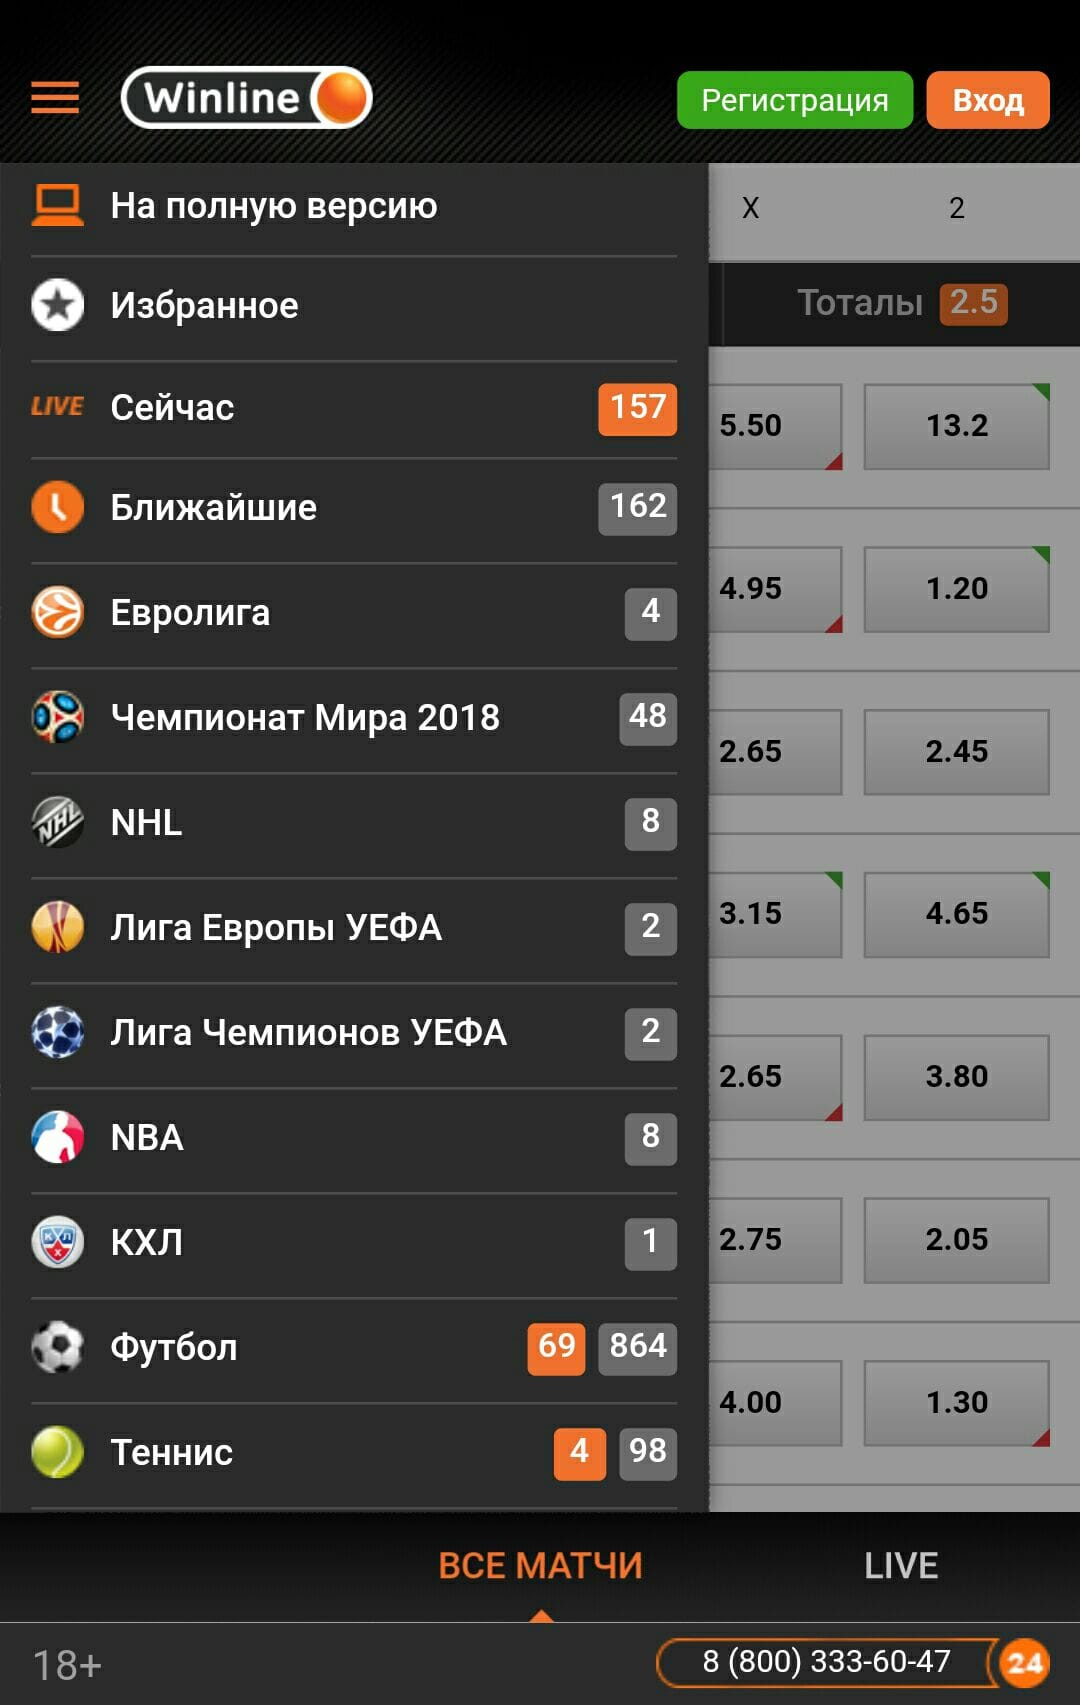 Ставки на спорт винлайн скачать на андроид winline promokod ru